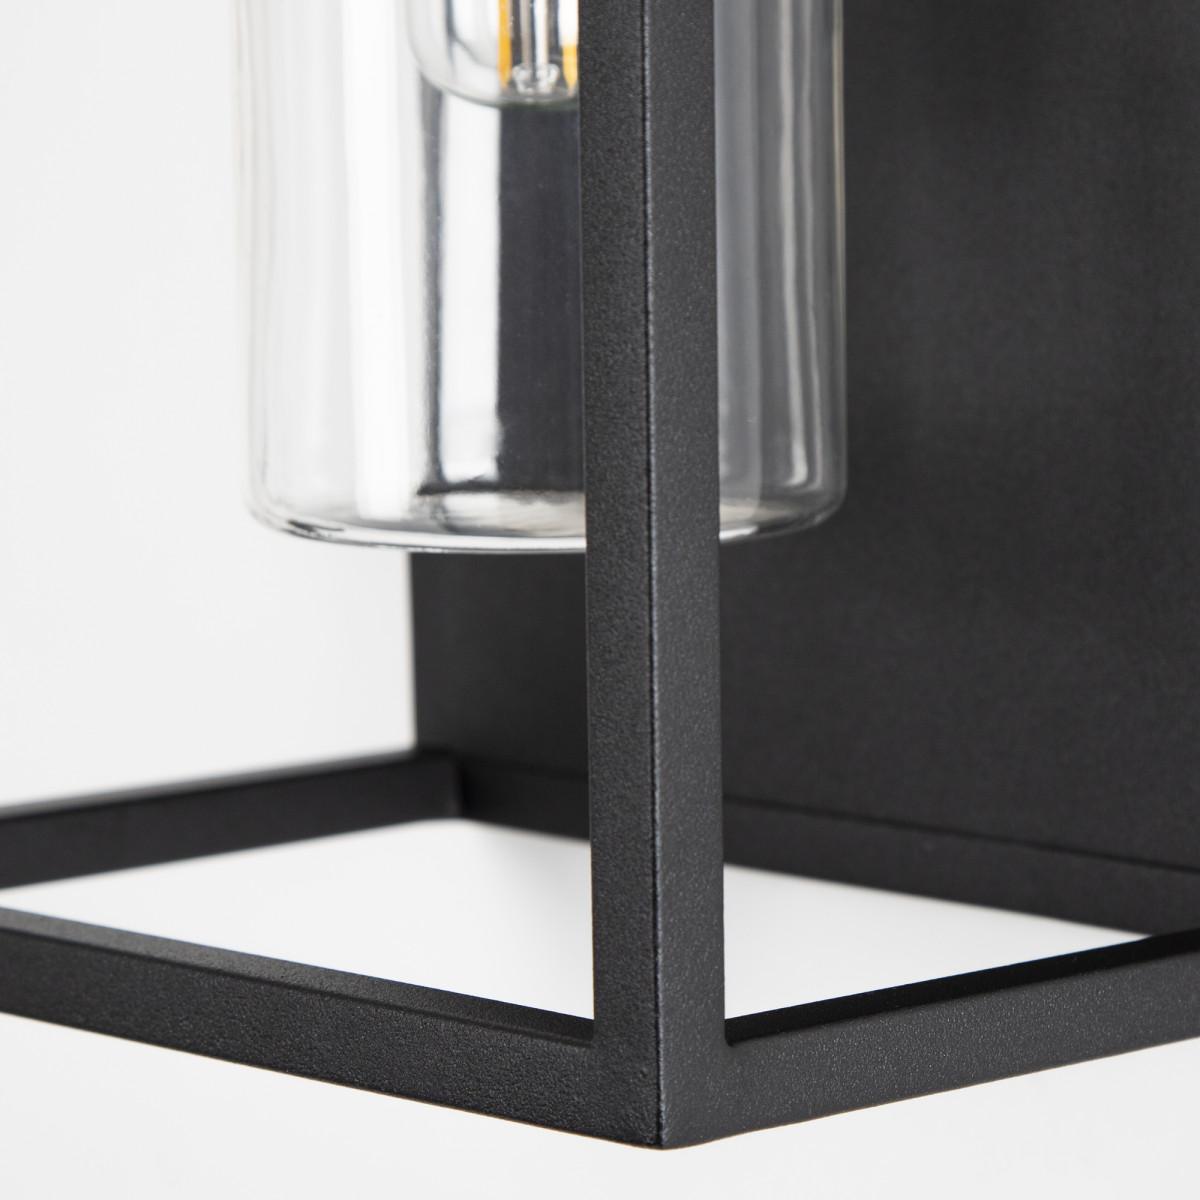 Buitenlamp Hudson zwart, trendy buitenverlichting, stijlvol design, materiaal RVS, zwarte coating, modern box design buitenverlichting van KS Verlichting